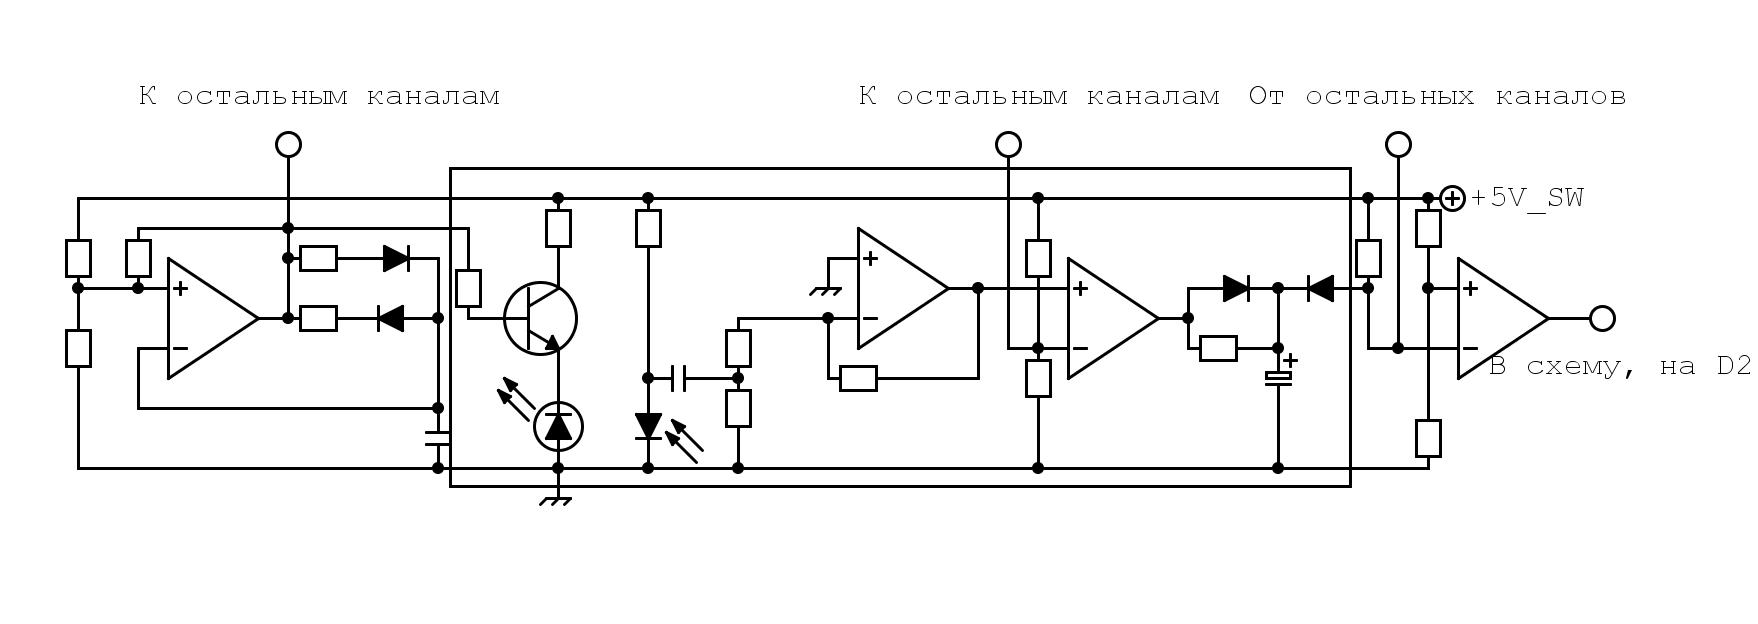 Препарируем дешевый робот-пылесос - 20